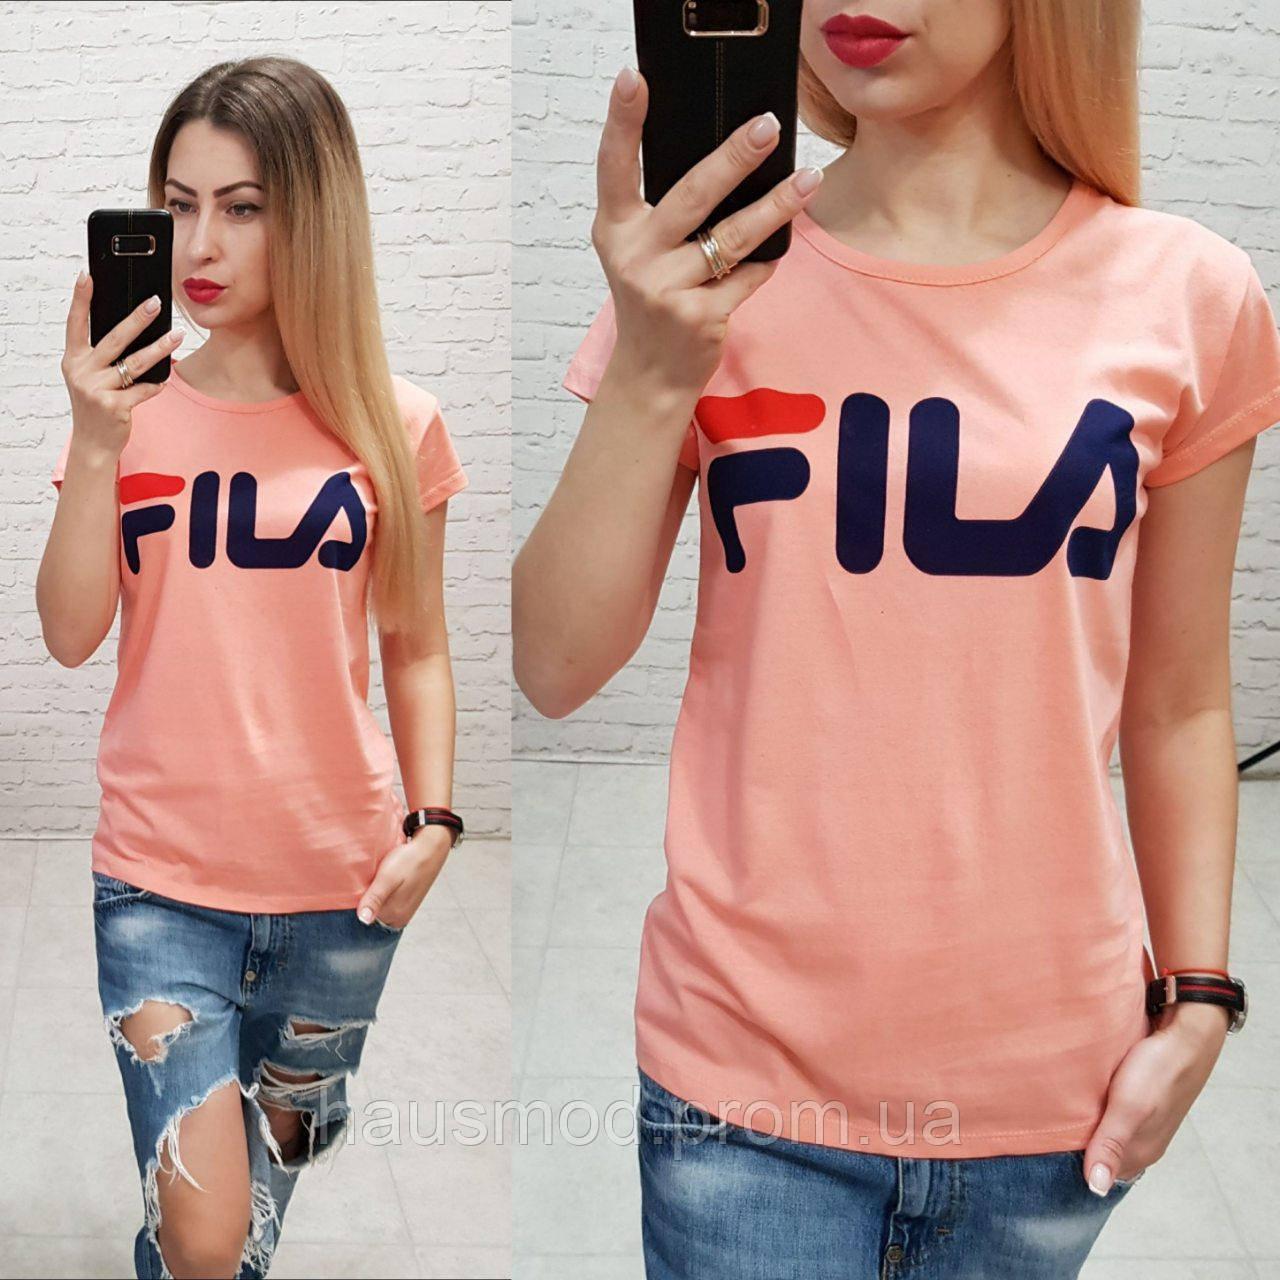 Женская футболка реплика Fila Турция 100% катон розовая